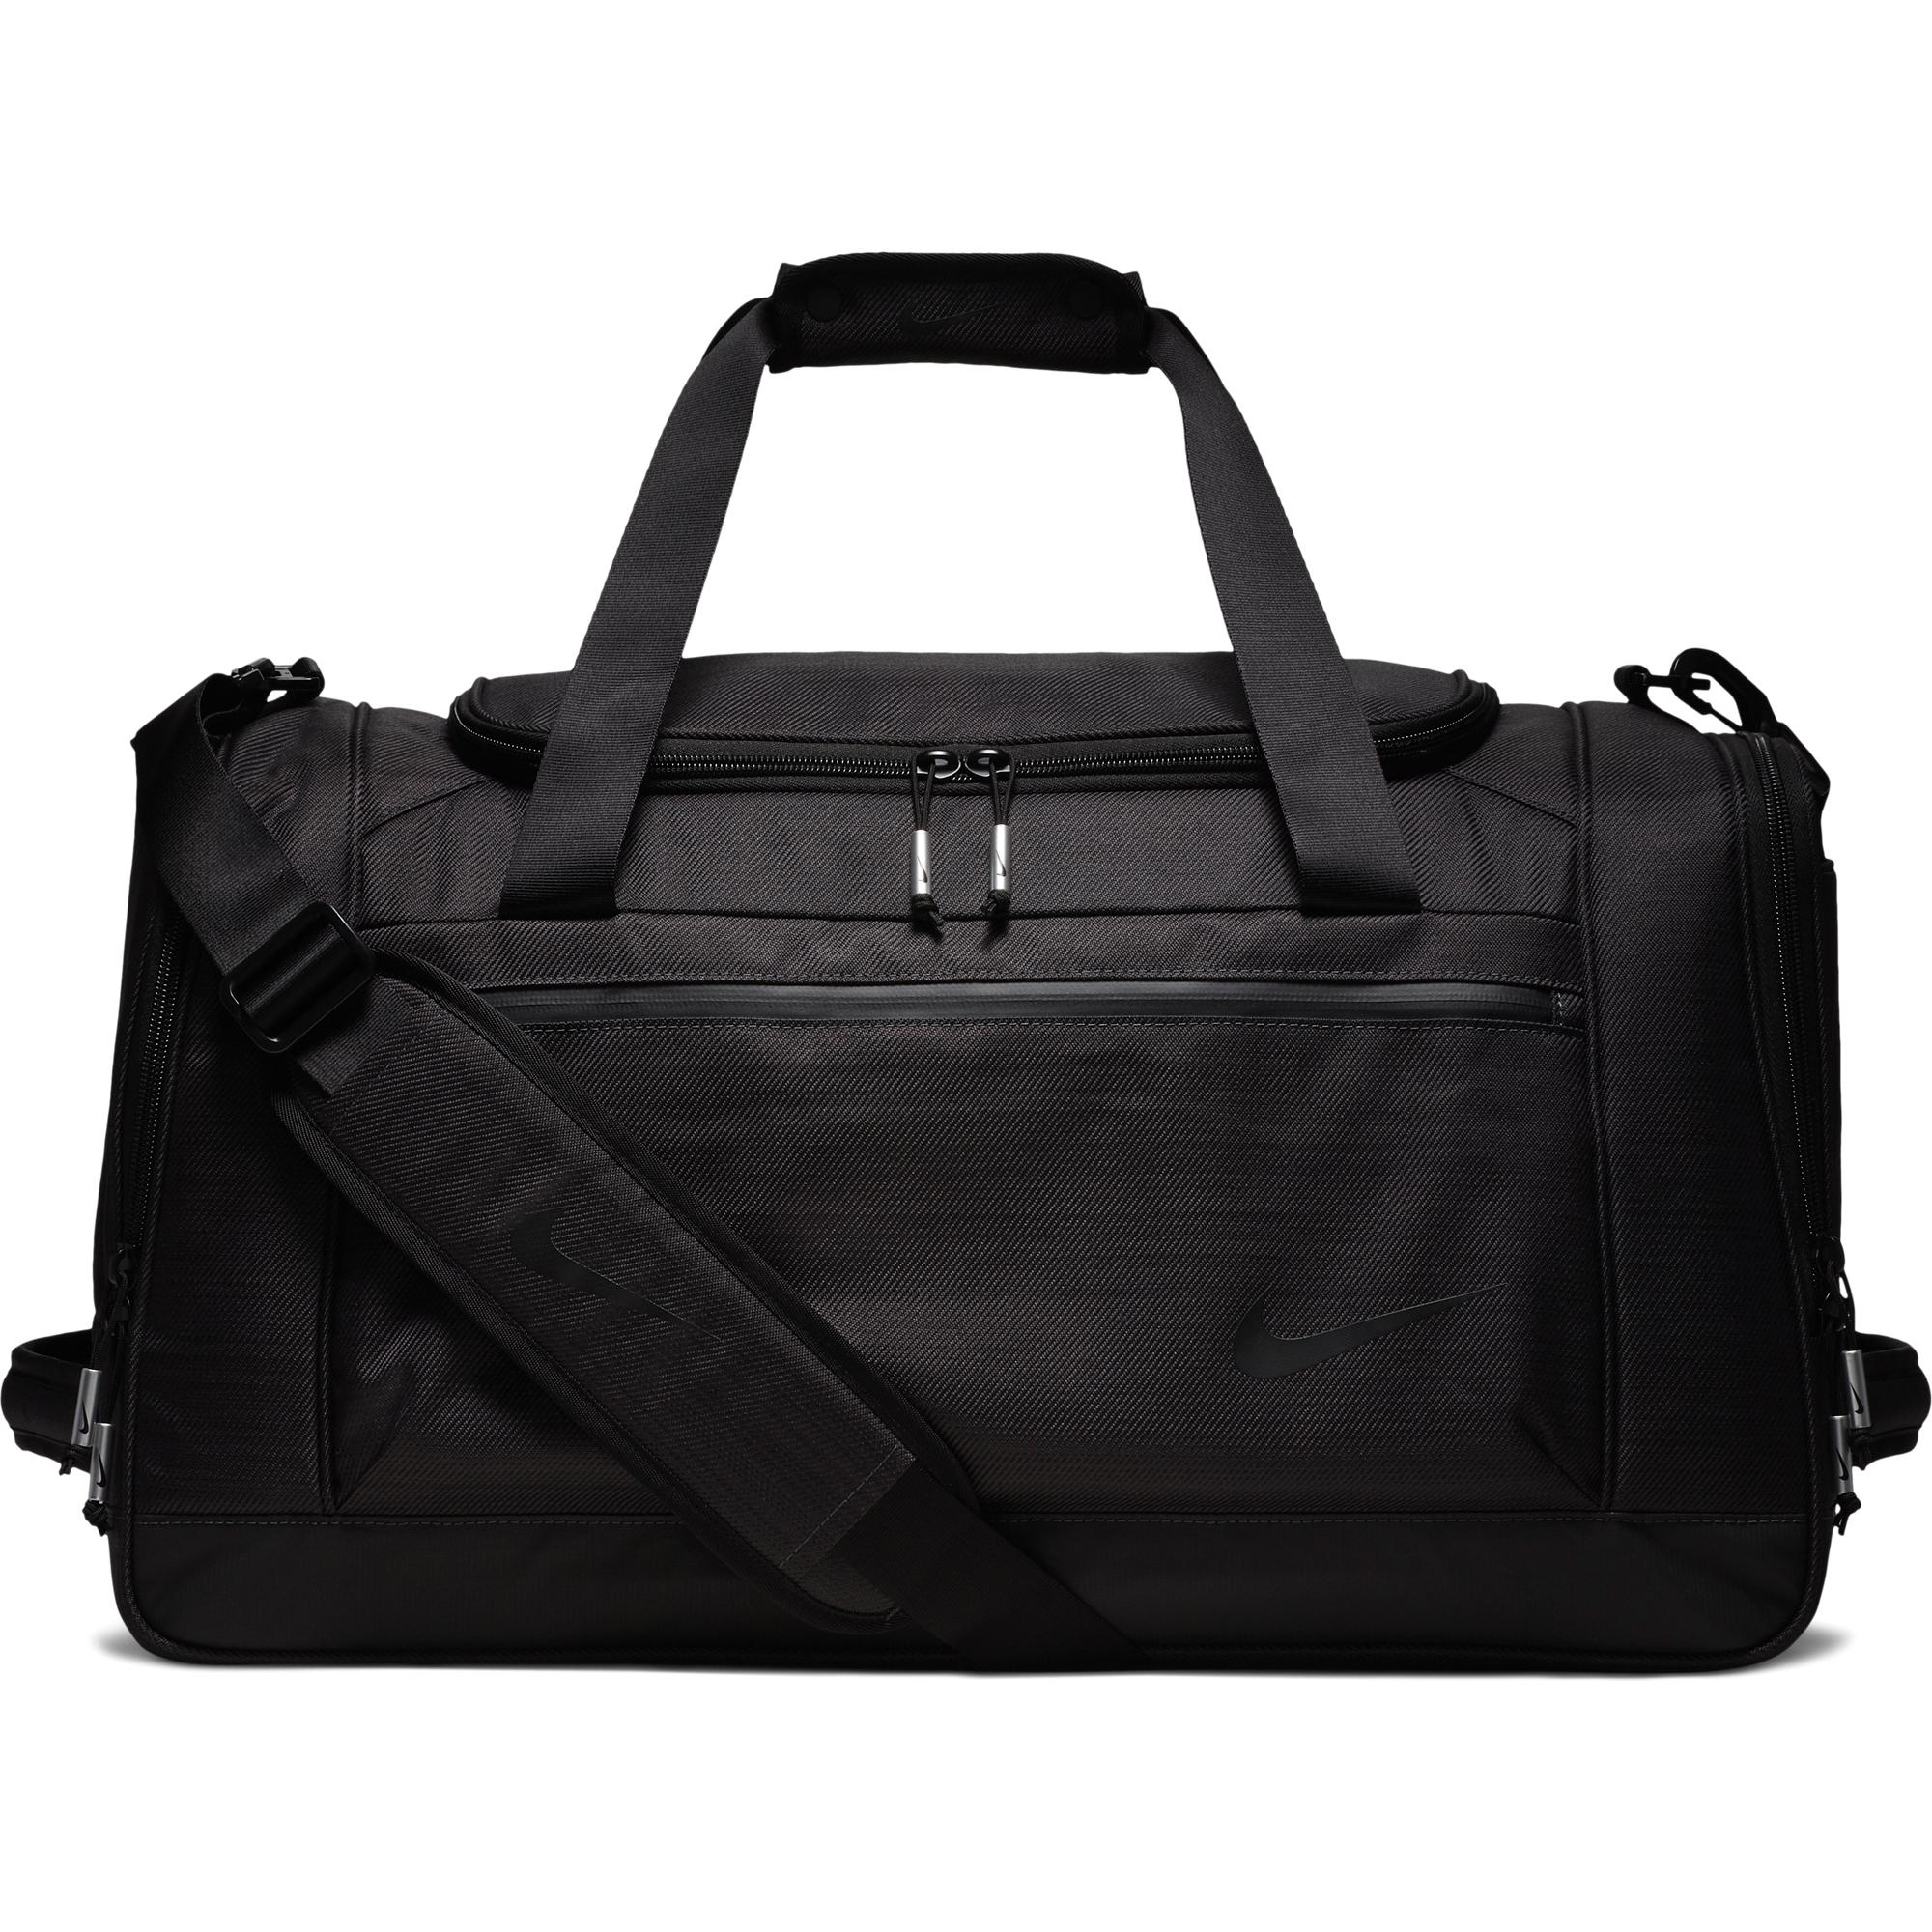 Nike Mens Departure Sports Duffle Bag